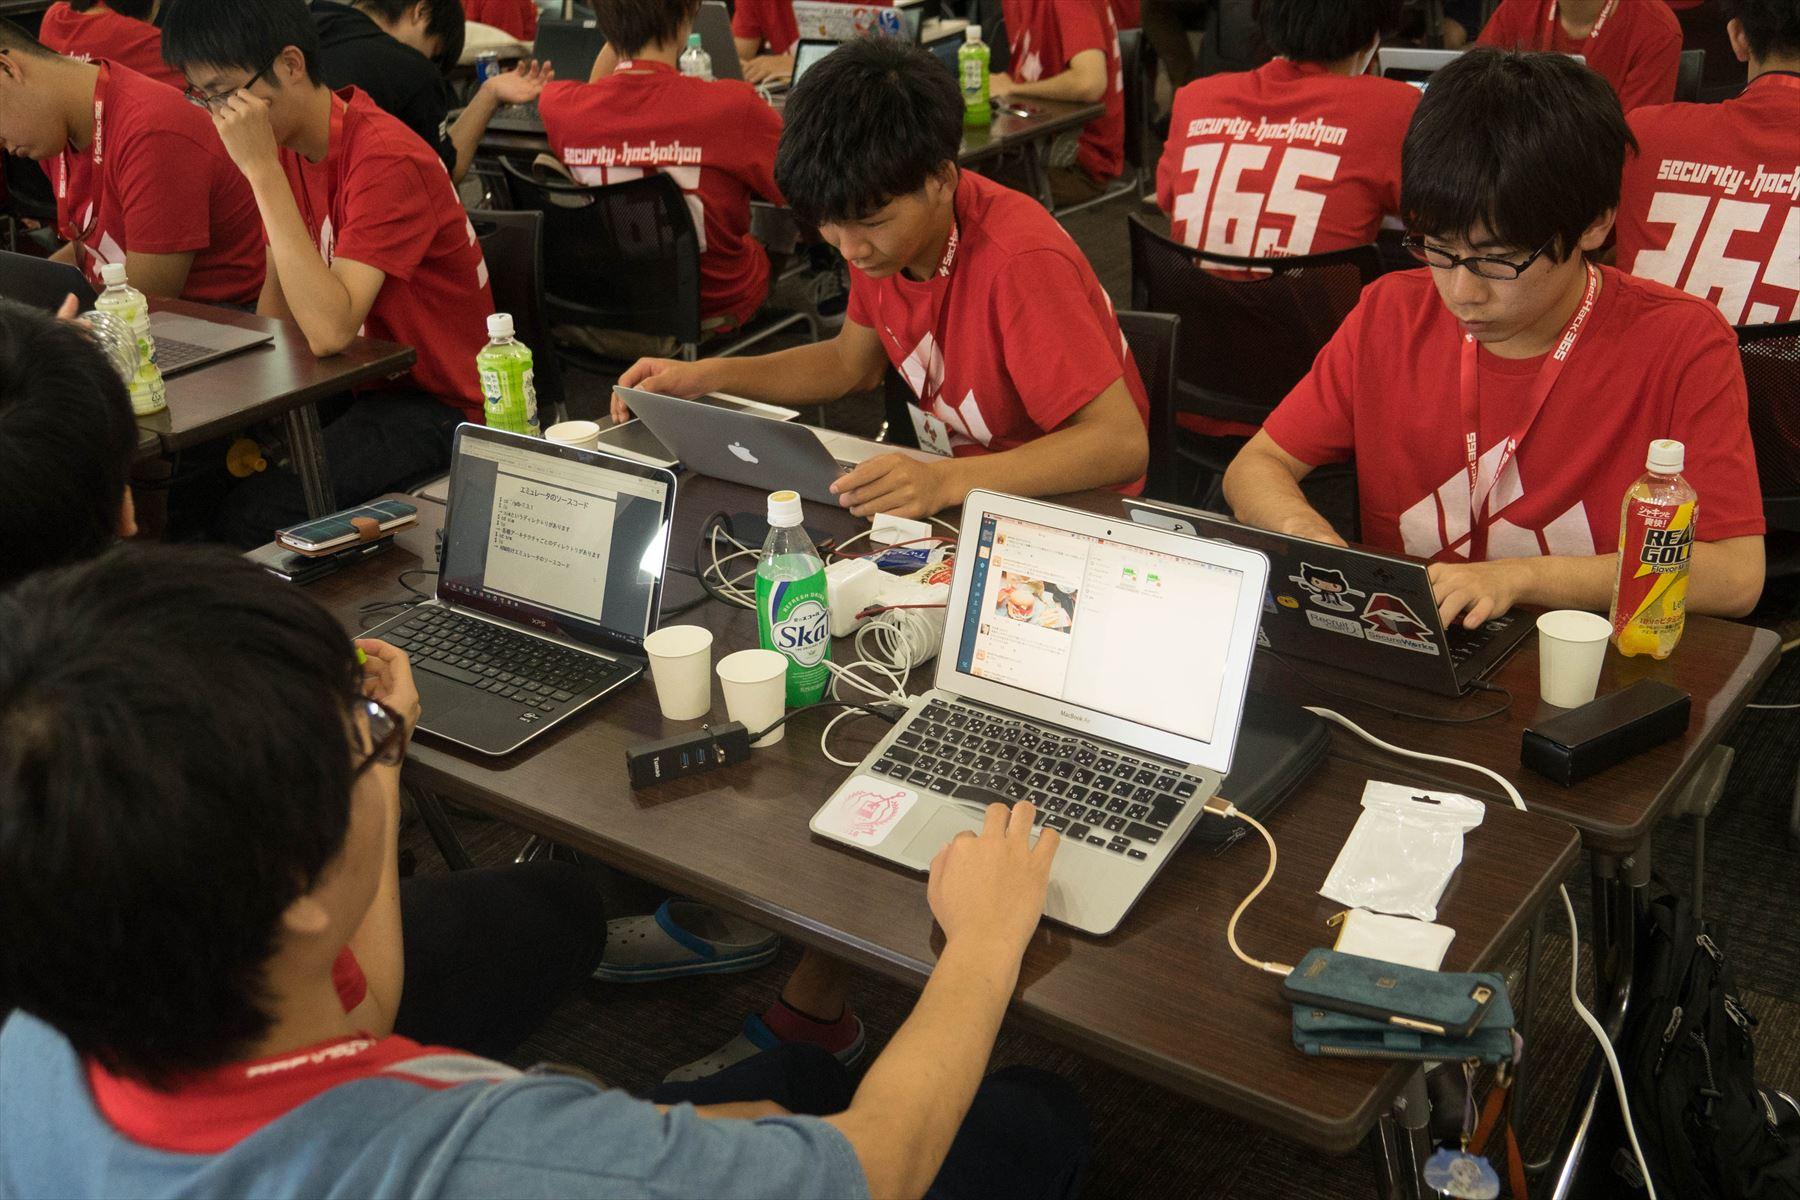 SecHack365ハッカソン開催時の模様